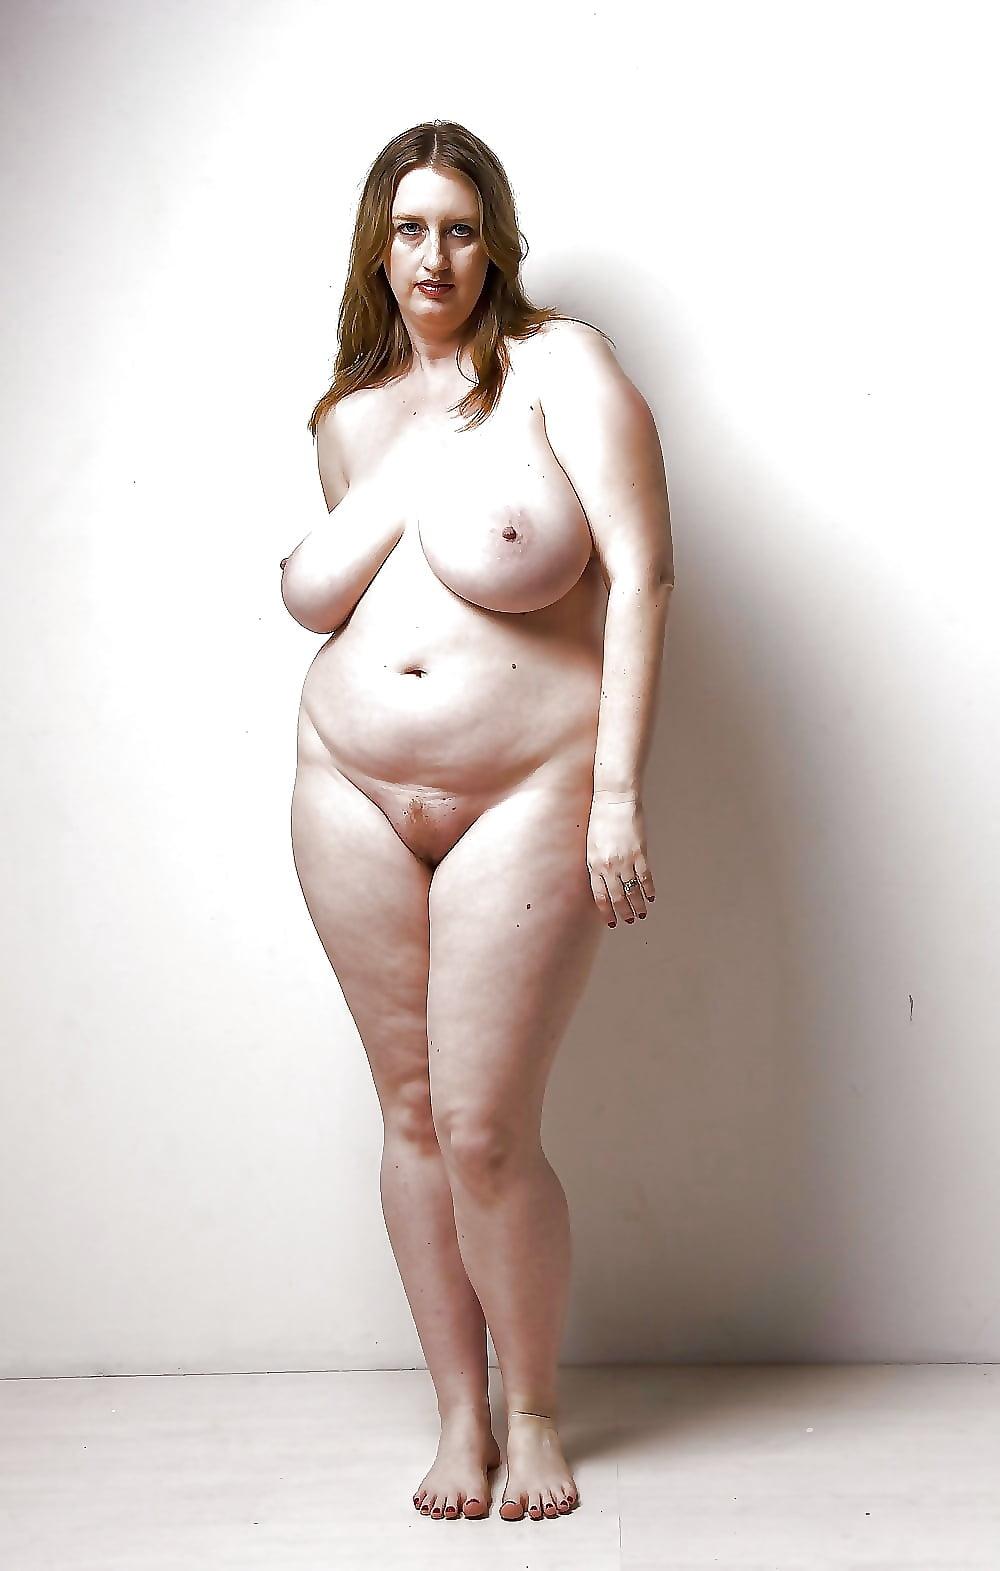 Деньги полненькие красивые голые женщины фото бразильски отличного